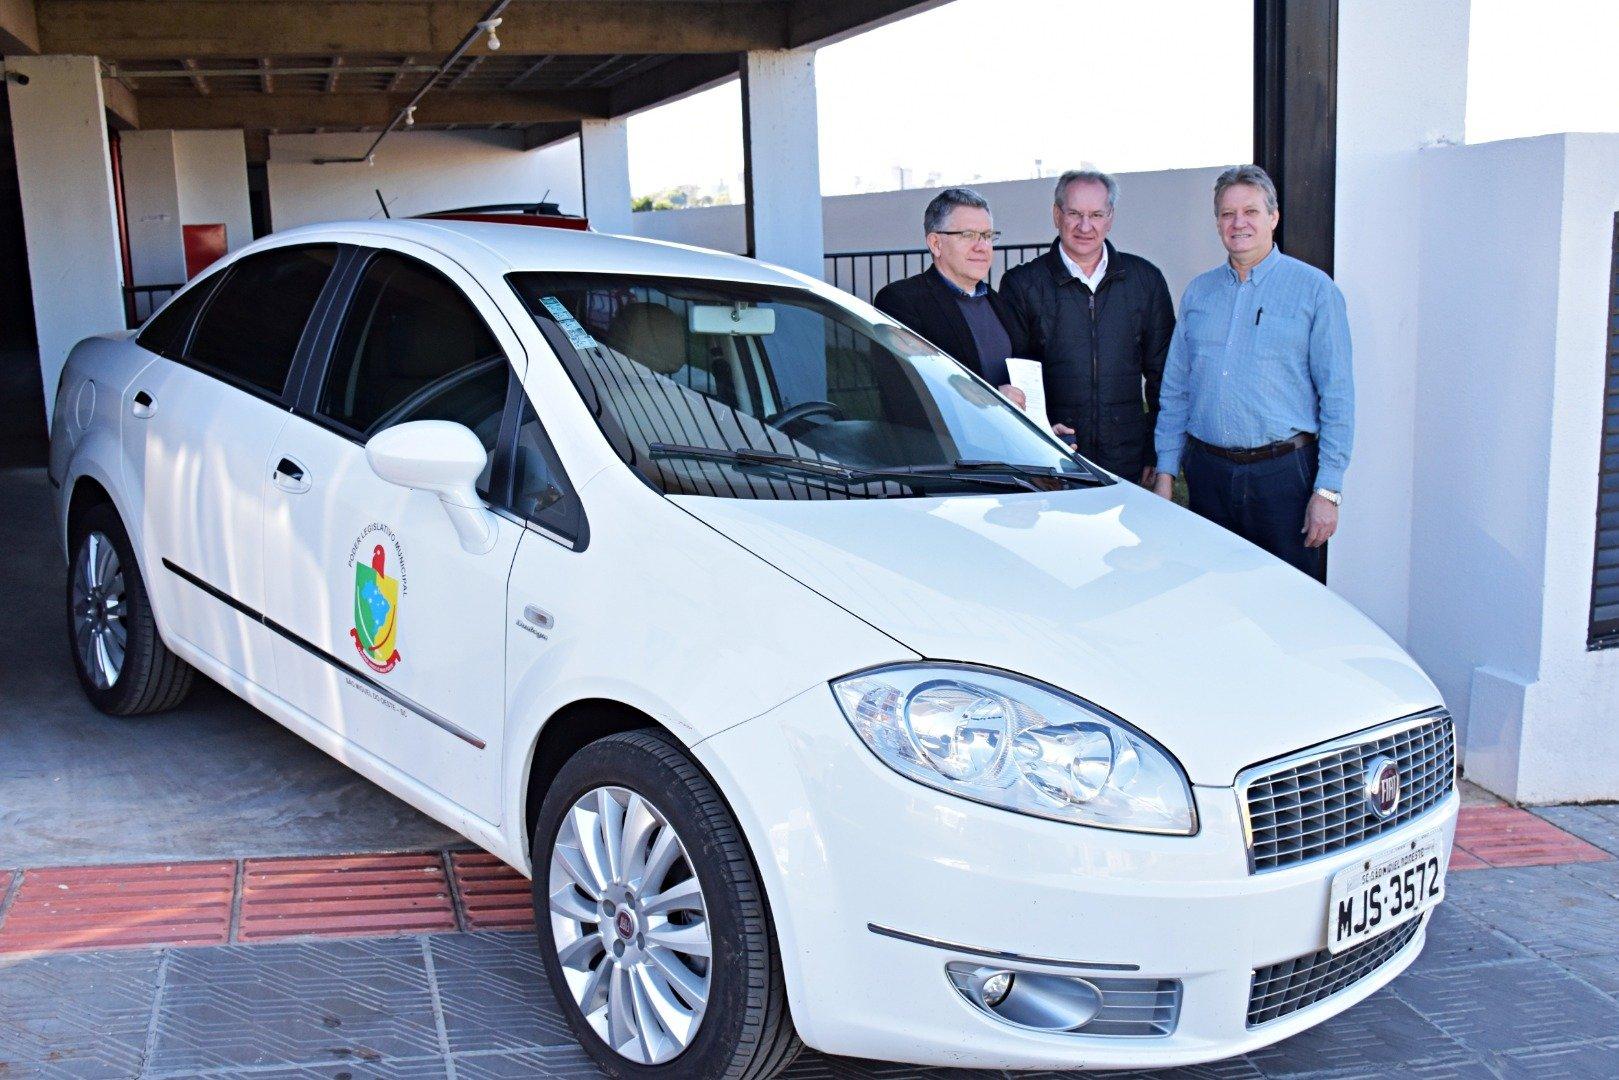 Câmara de Vereadores doa veículo para a Prefeitura